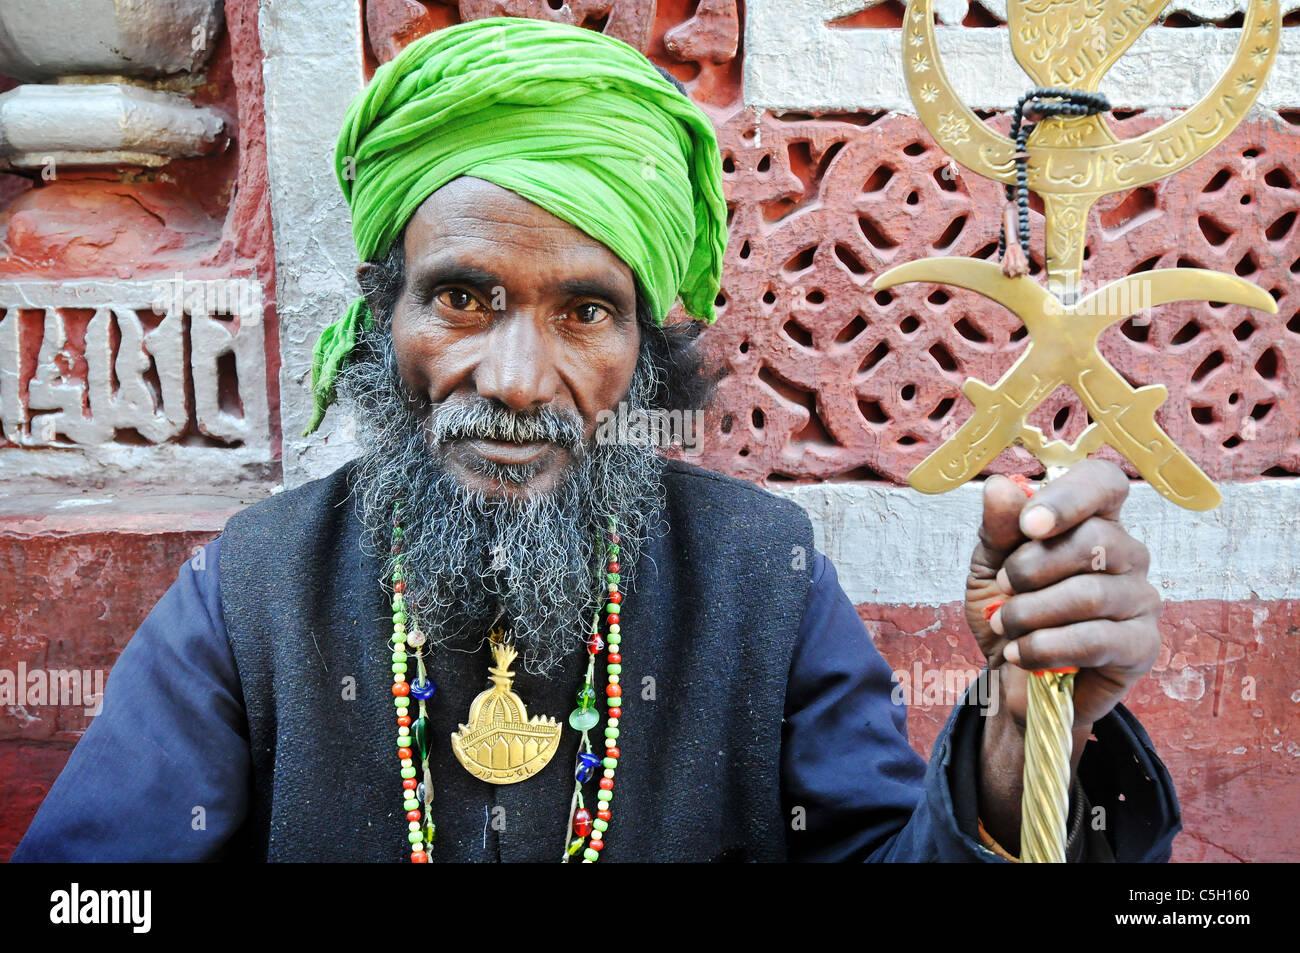 The Nizamuddin Sufi Shrine in Delhi. - Stock Image